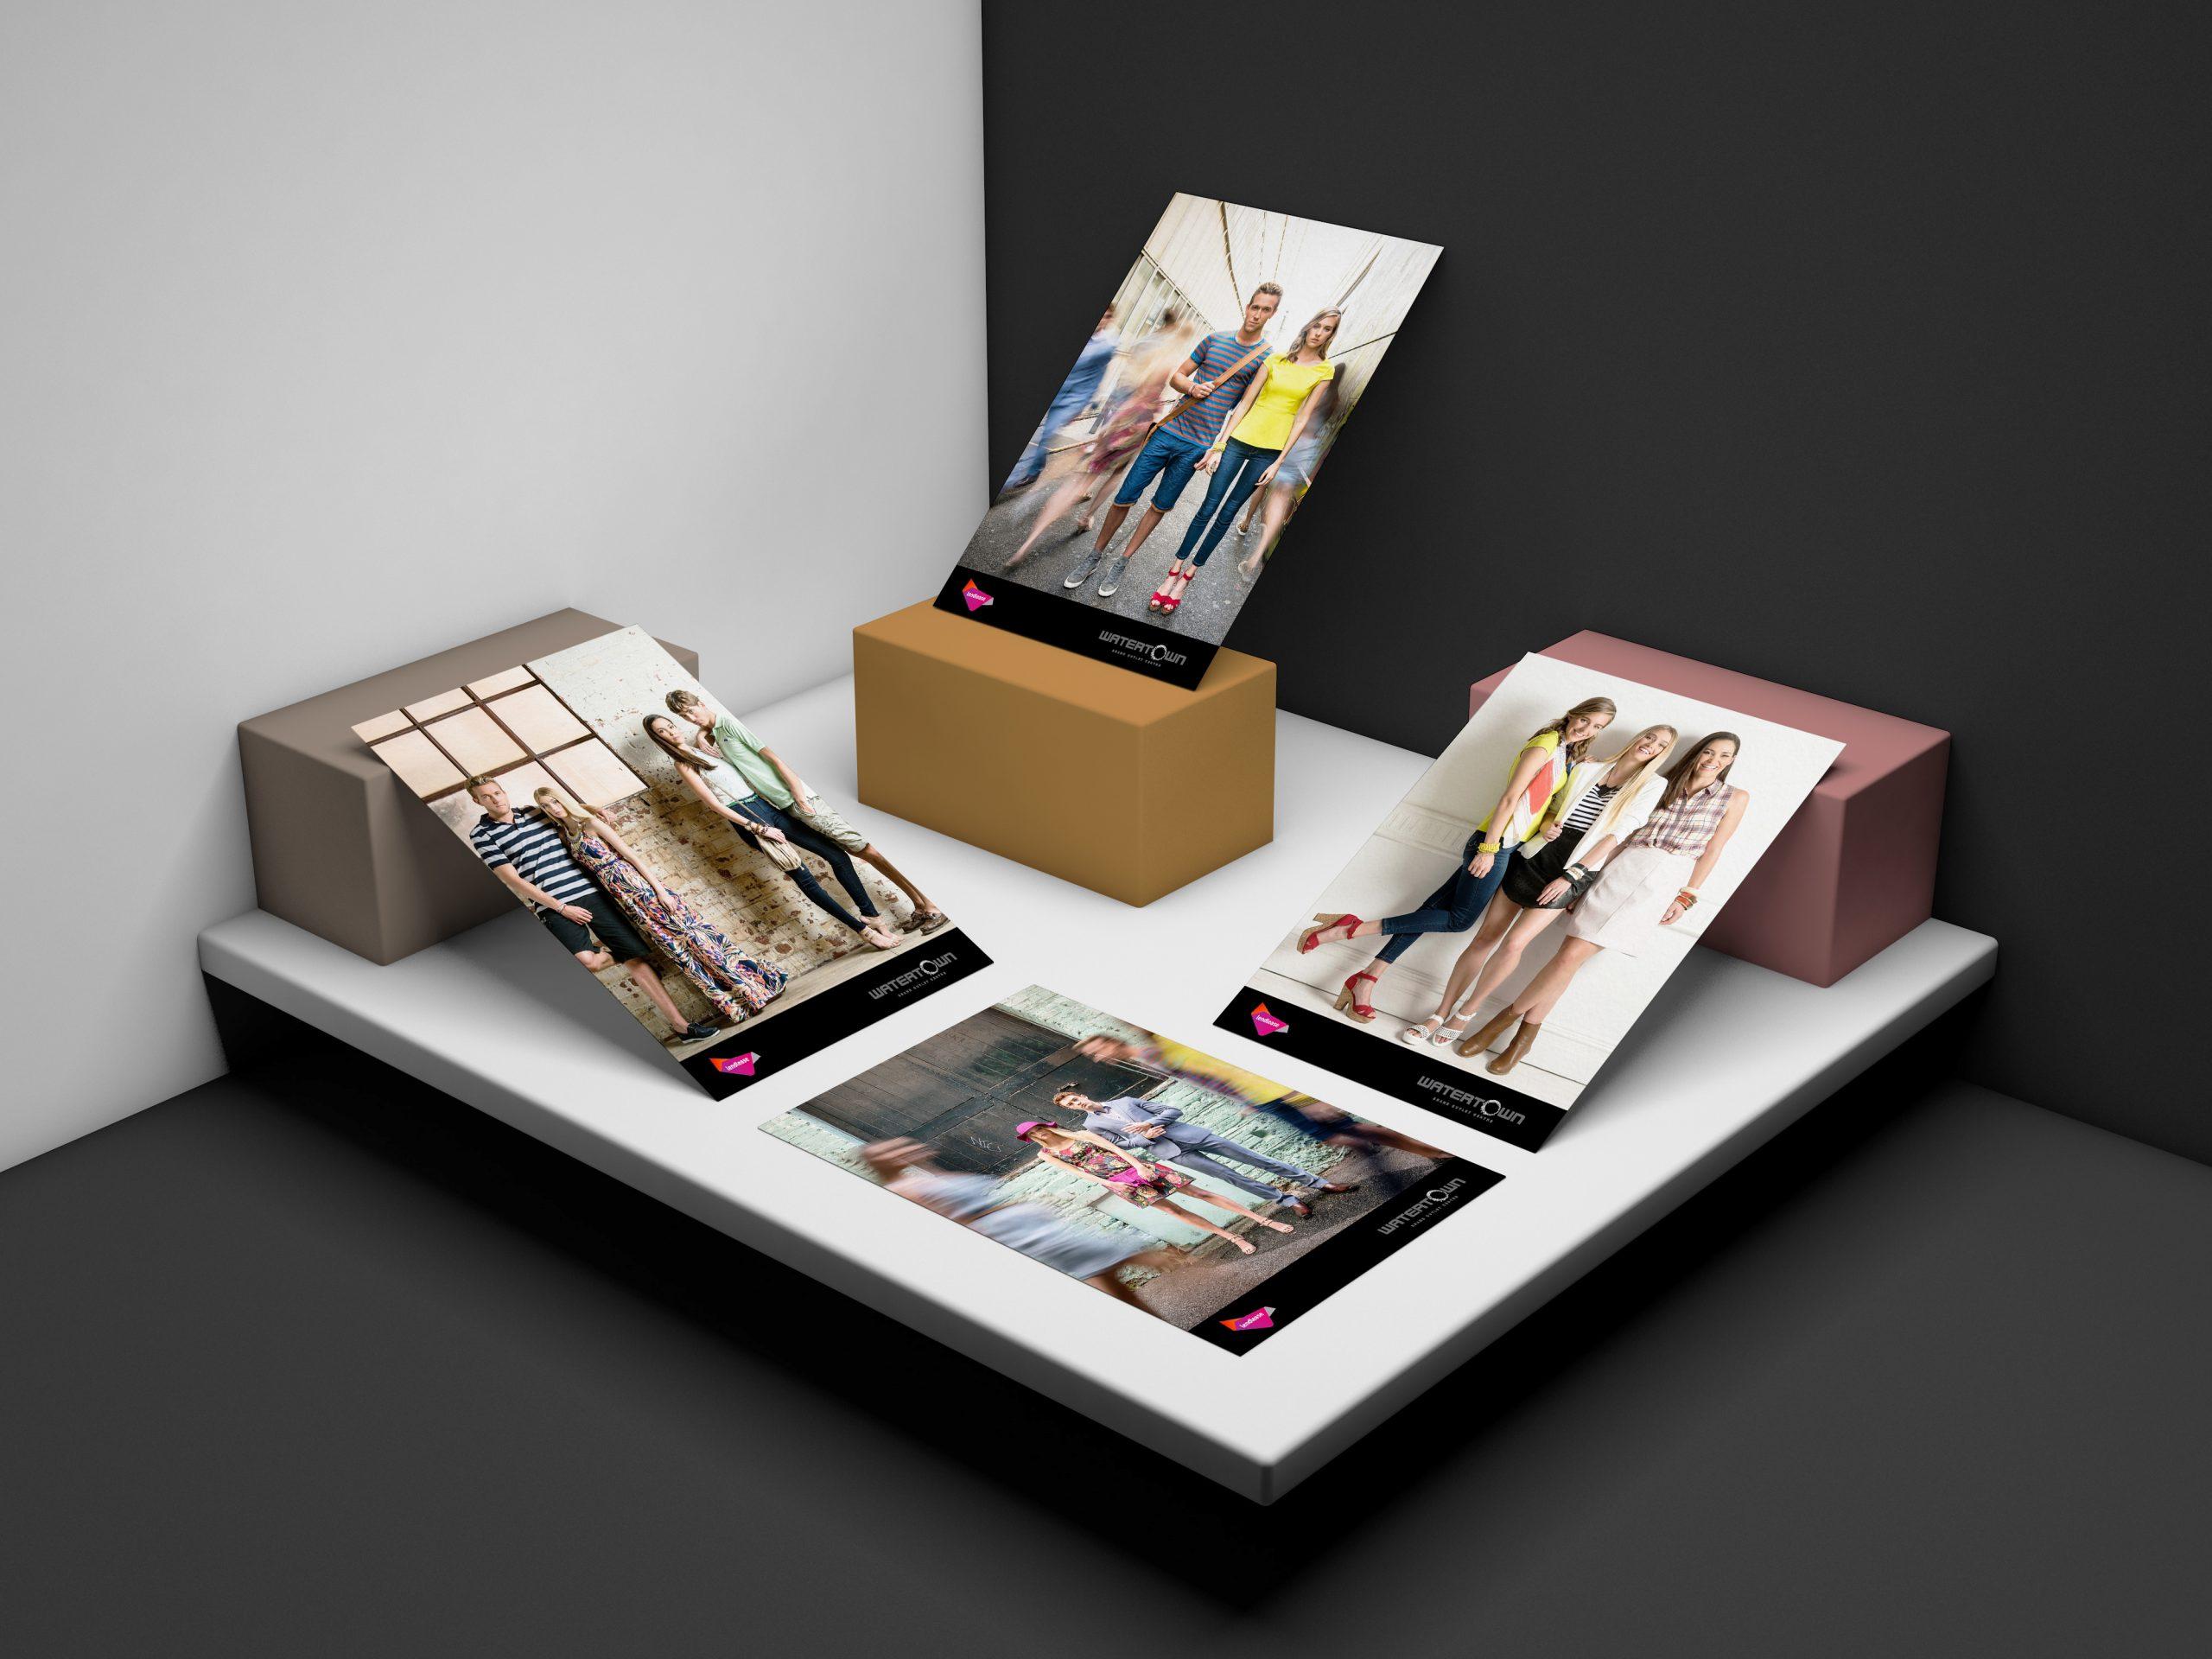 WATERTOWN_Poster-Branding-Mockup-For-Designers-Vol-1